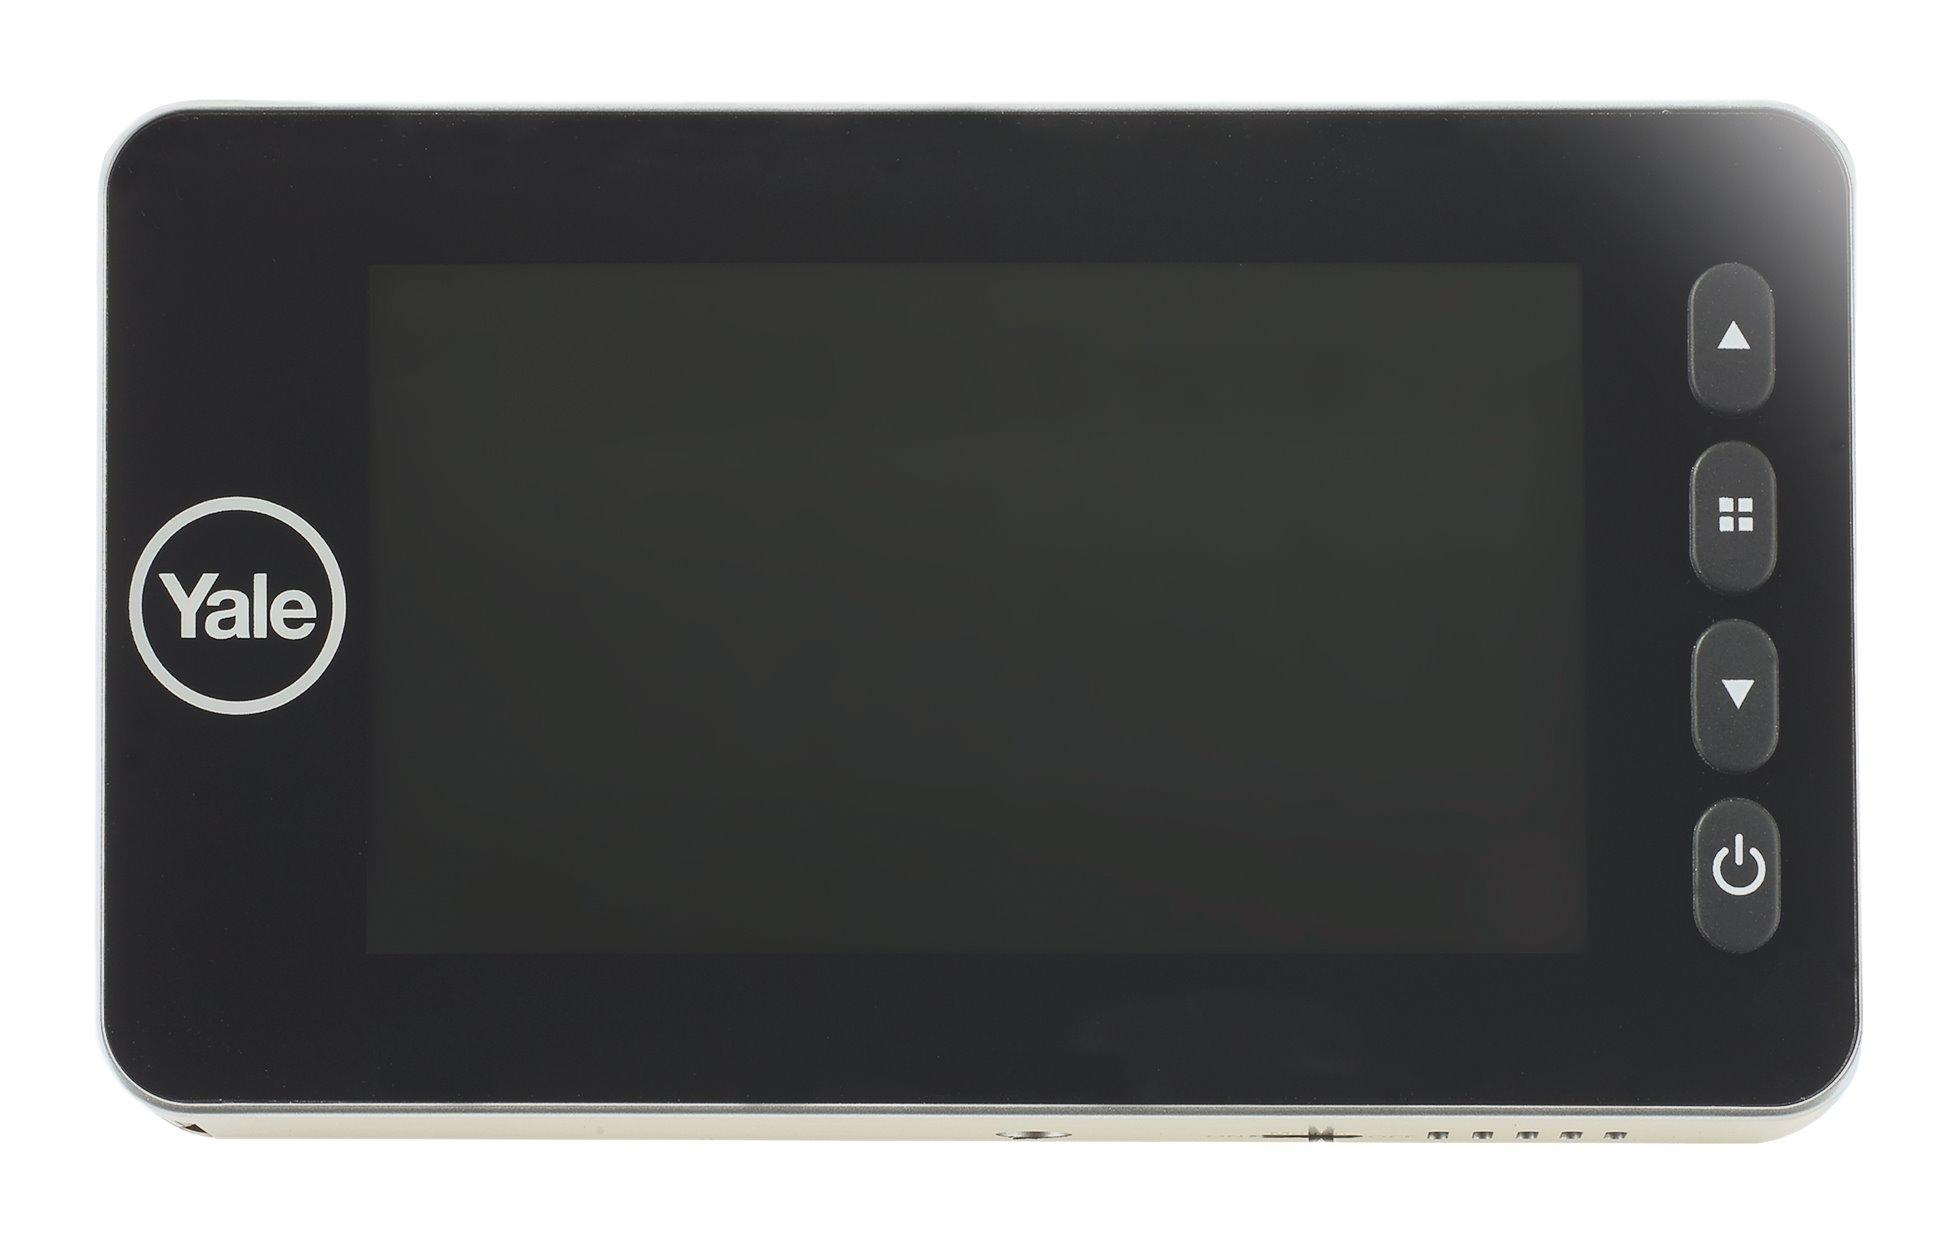 Digitale deurspion met opnamefunctie (foto en video) en bewegingssensor